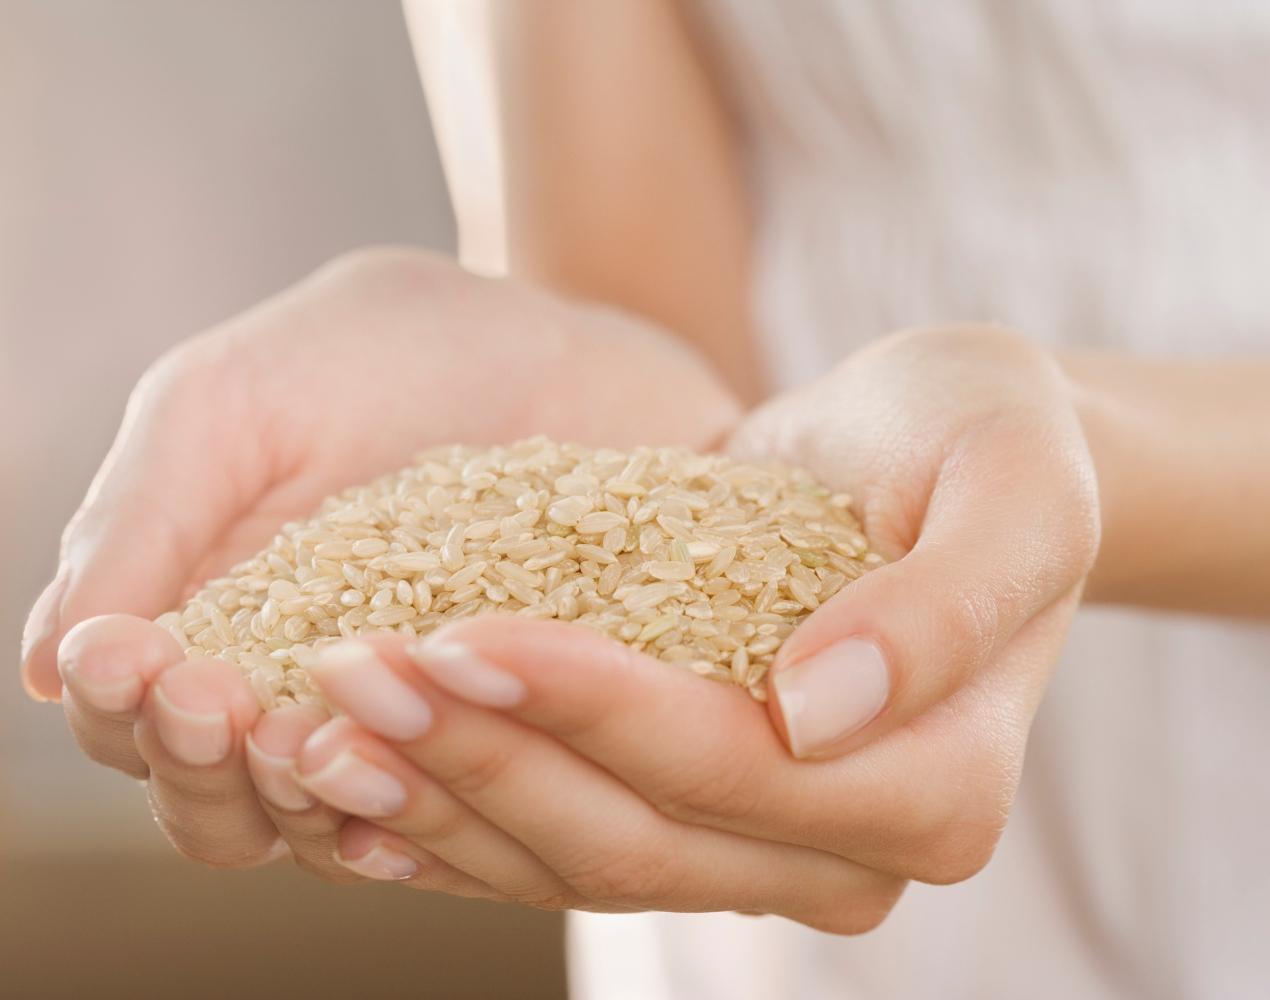 arroz integral na mão